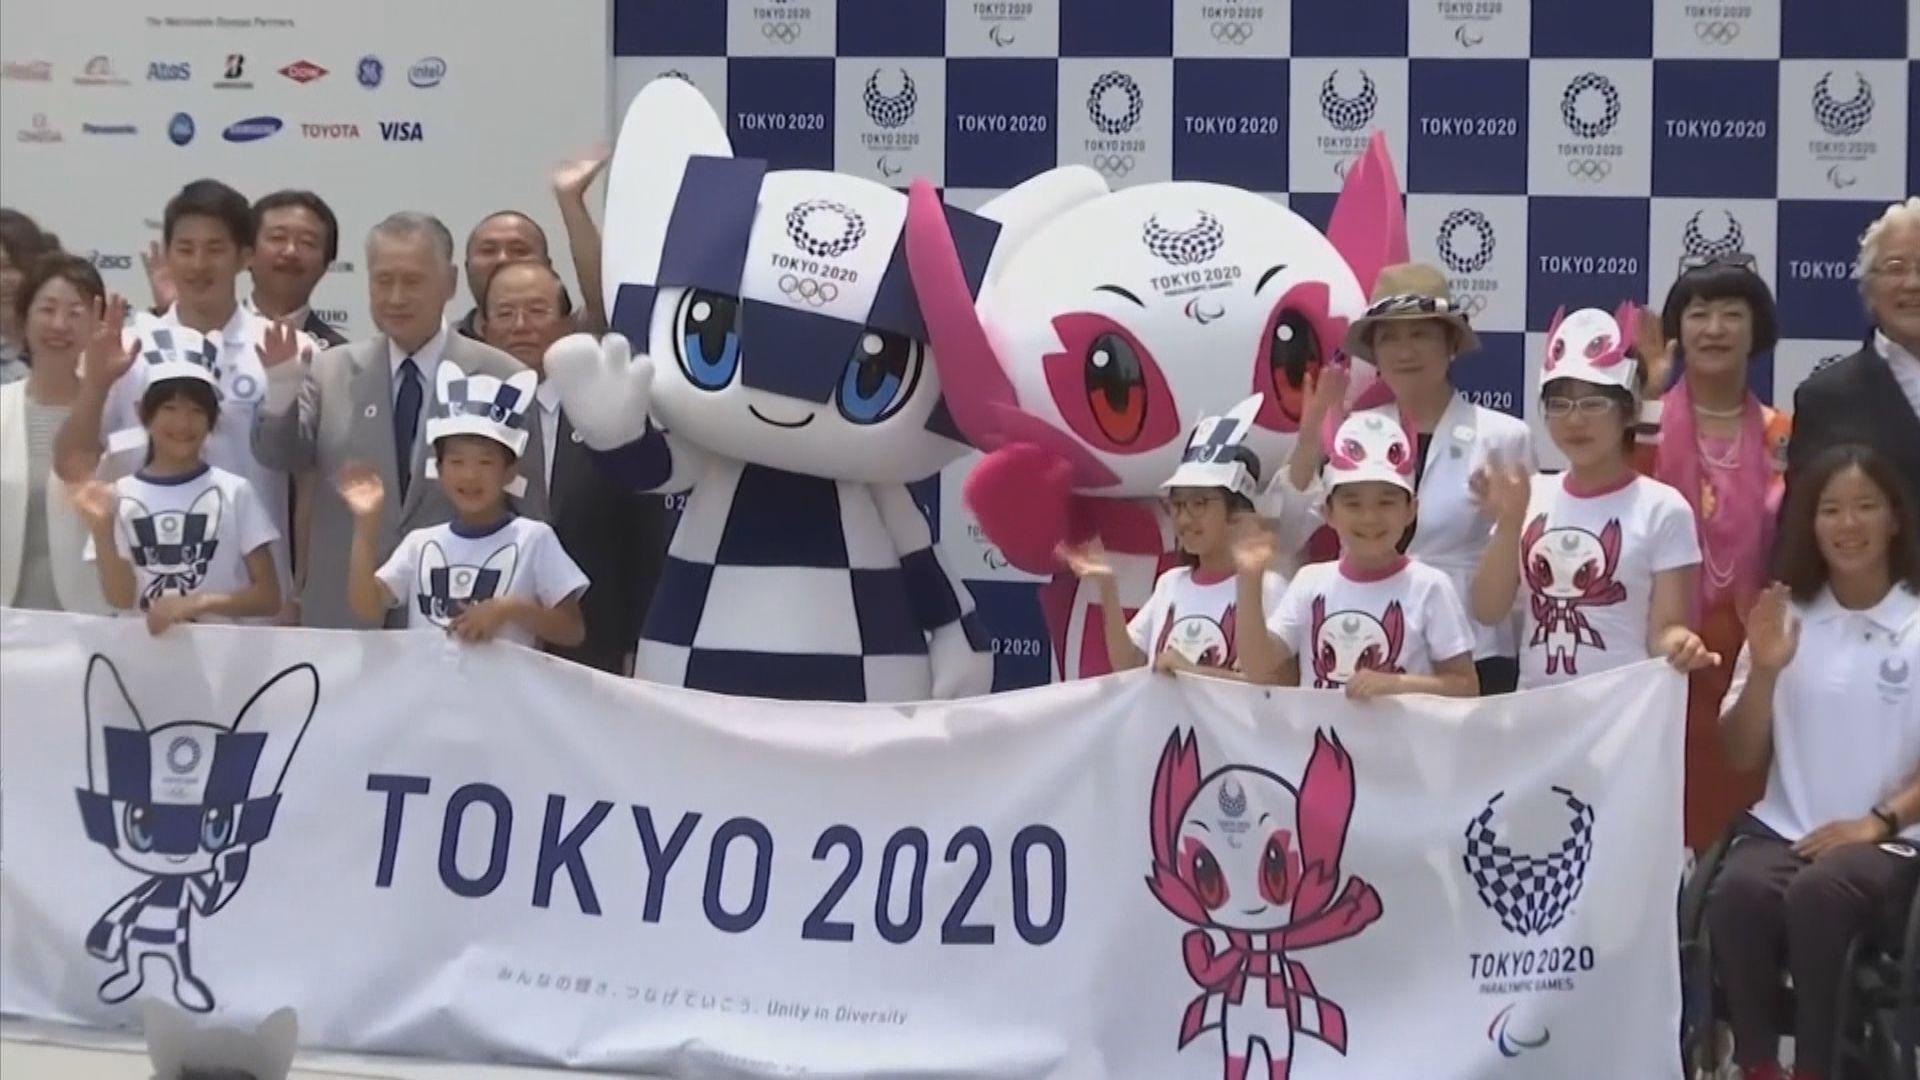 【環球薈報】東京都反對奧運馬拉松移師札幌